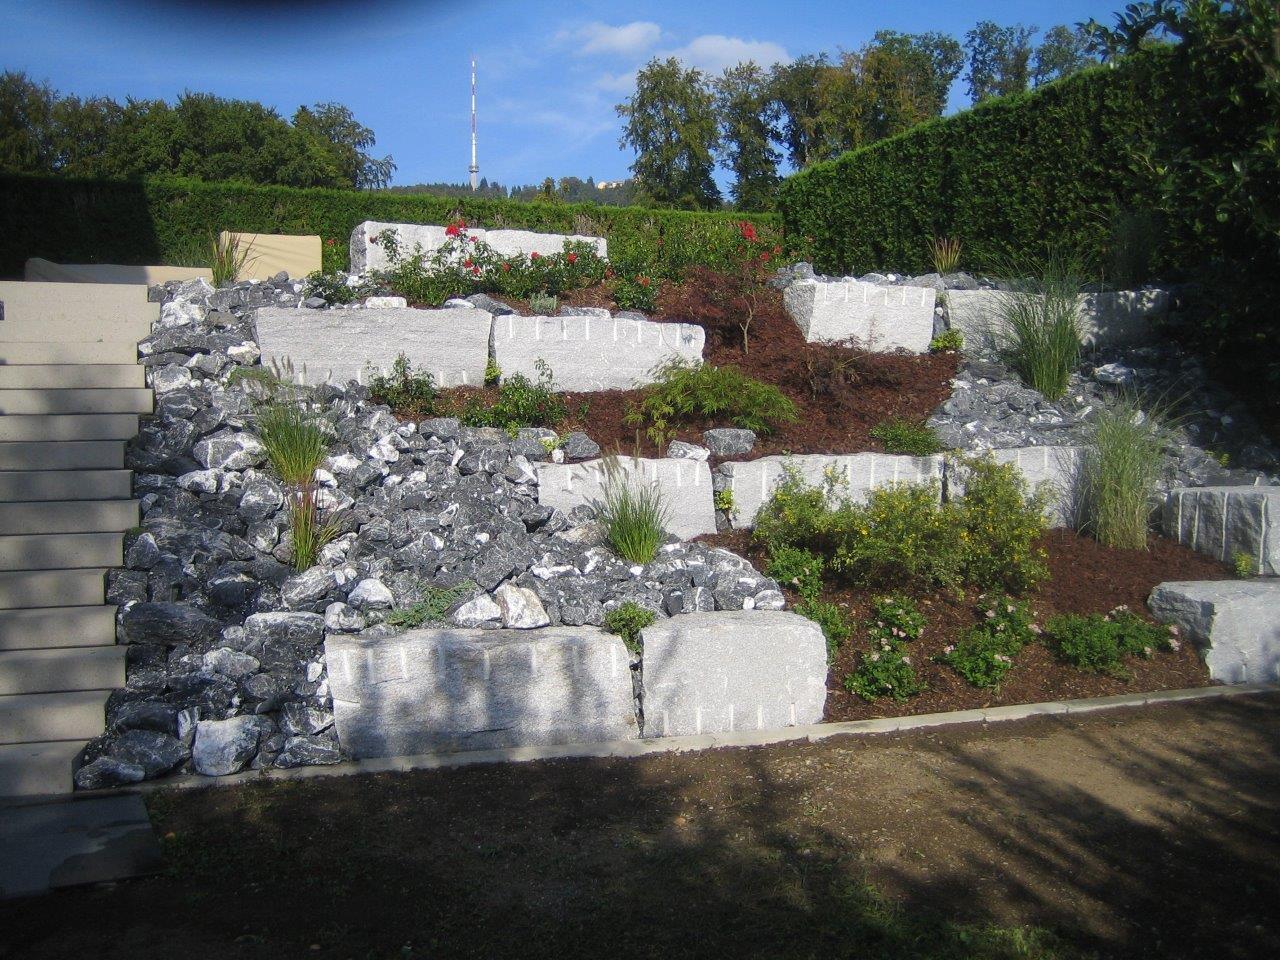 Fesselnd Böschungsgestaltung Mit Granit Mauersteinen, Steingarten Mit Bündner,  Bepflanzung Mit Rosen